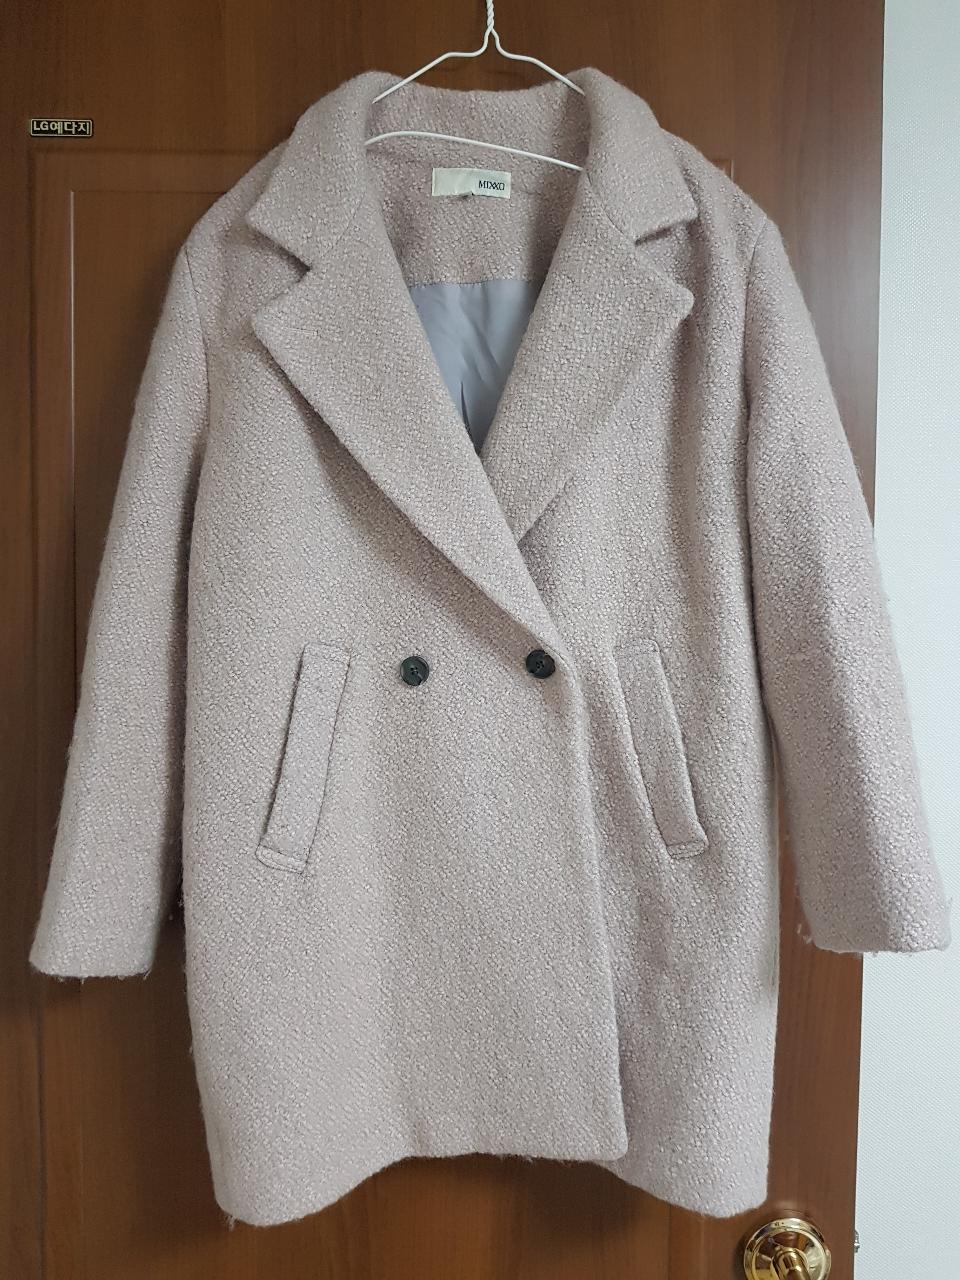 미쏘 여성 오버핏 루즈핏 코트 여성자켓 여성코트 여자자켓 여자코트